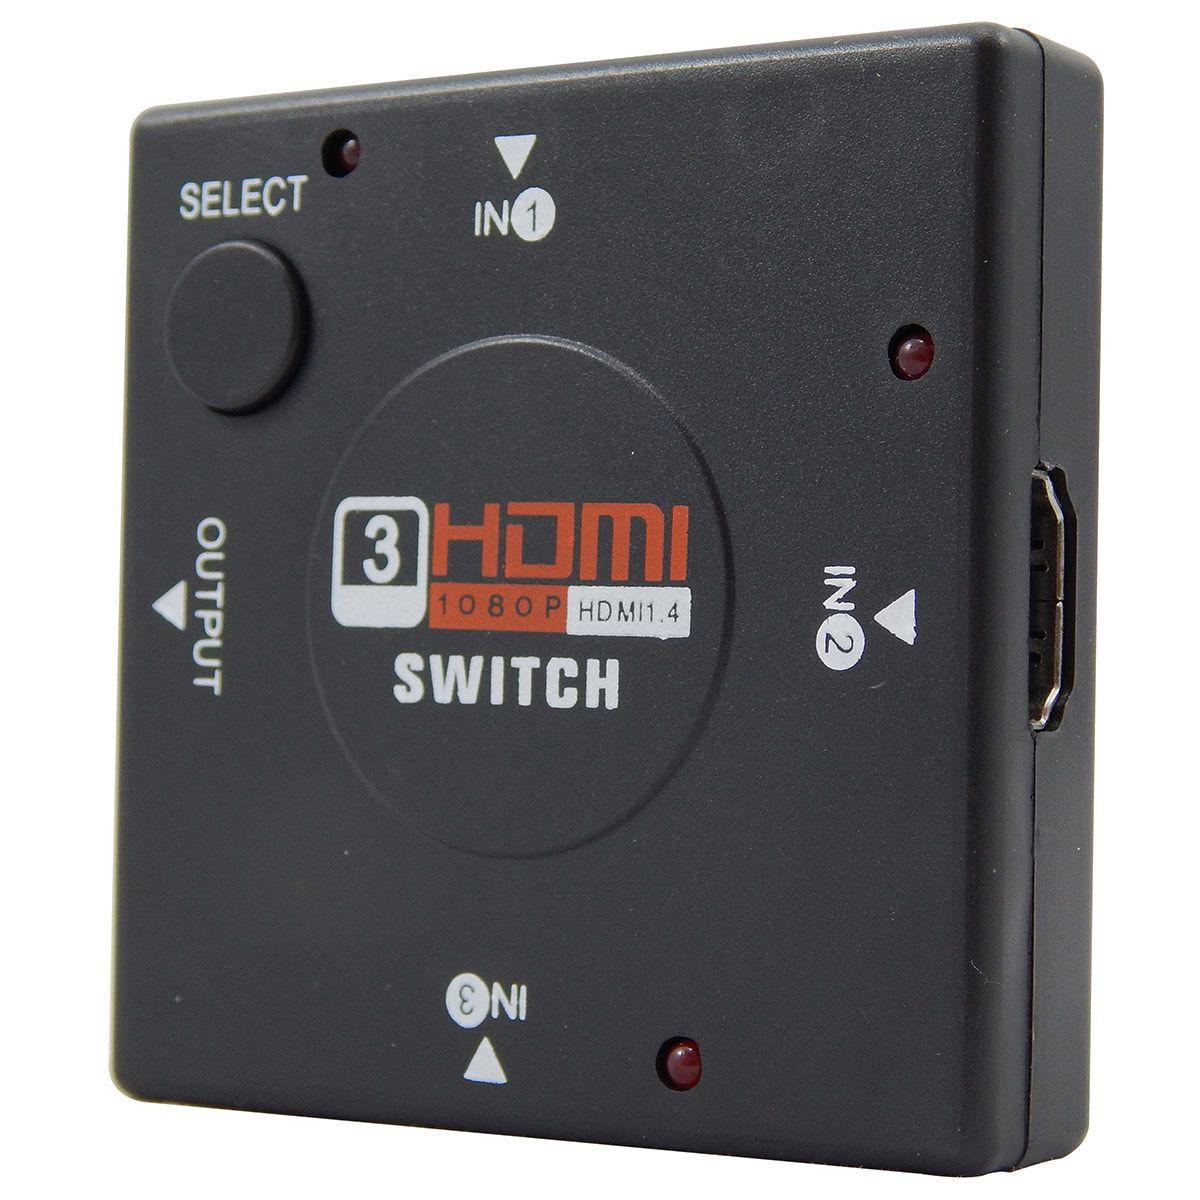 KIT Switch HDMI 3x1 + Cabo HDMI 1.4 de 1,80 Metros